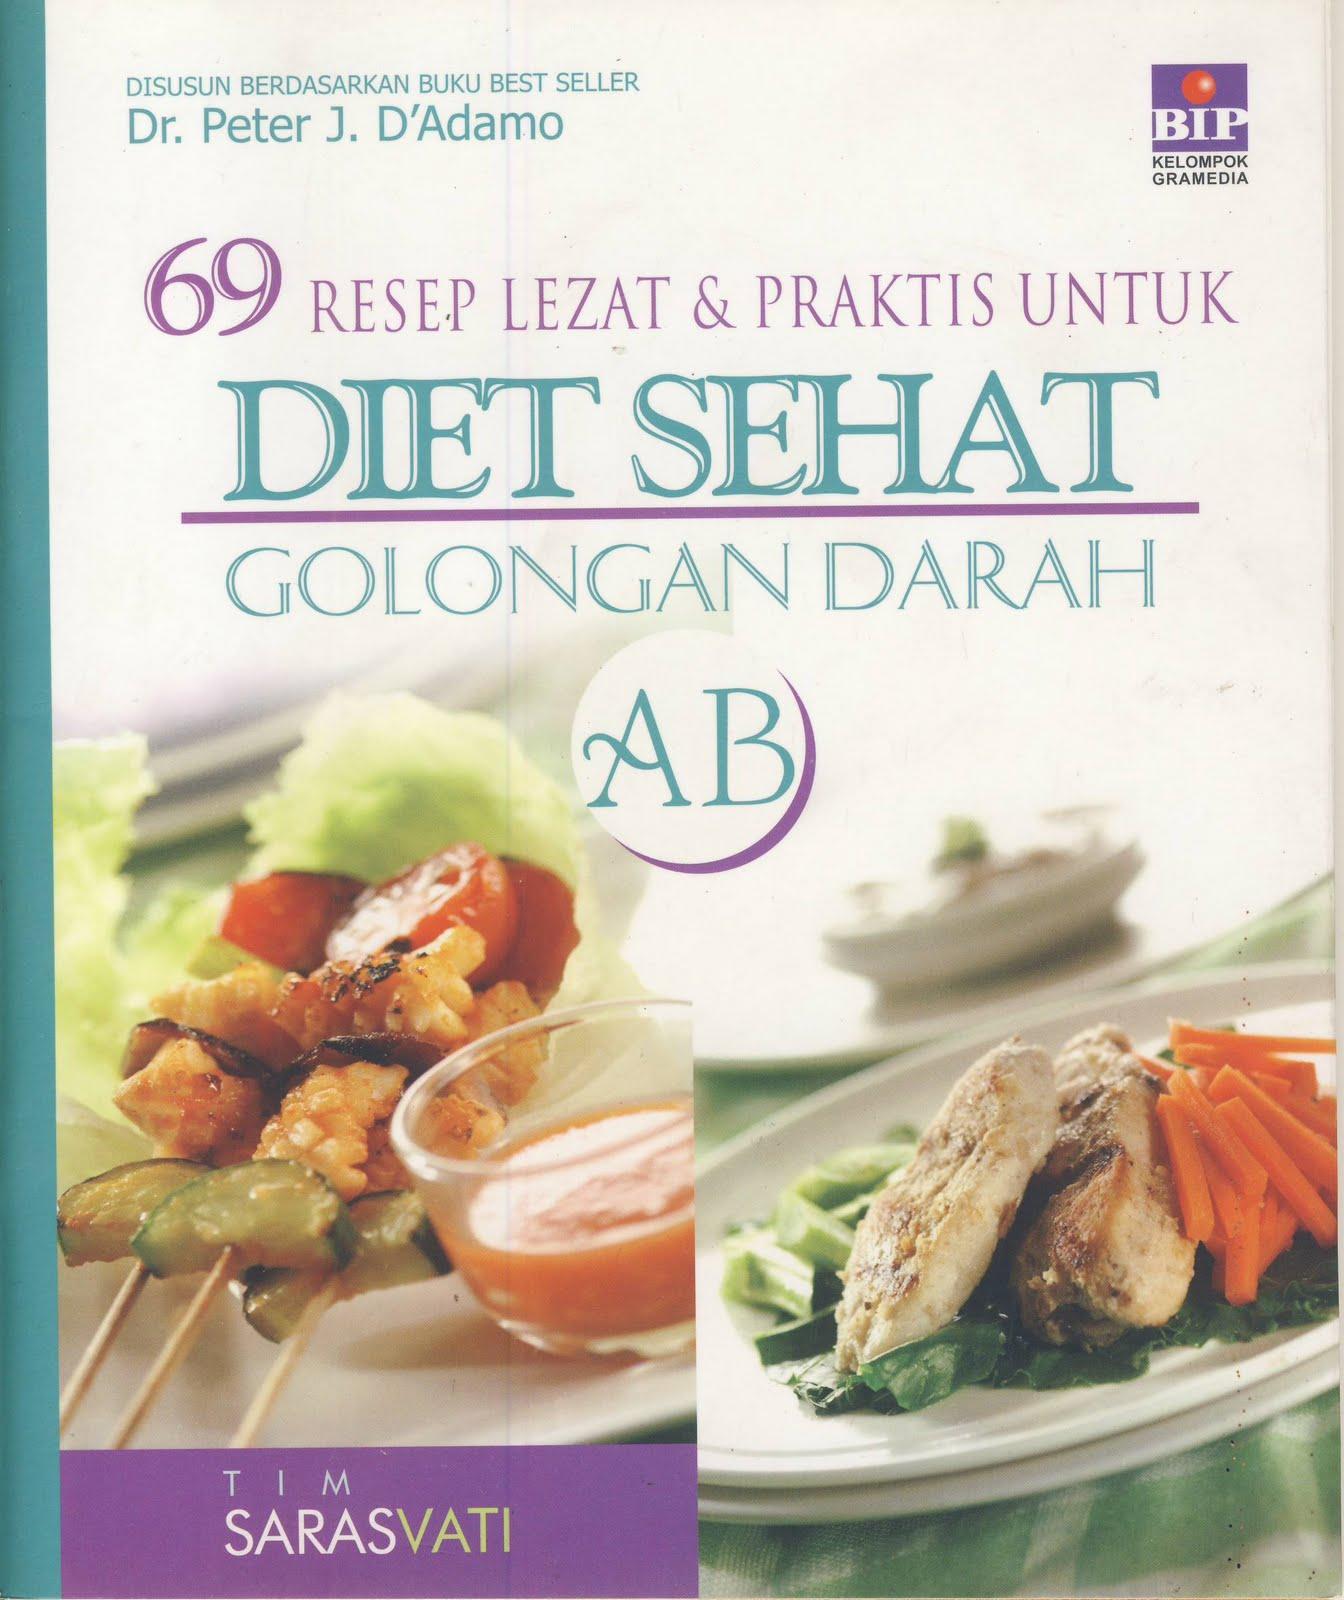 Resep Diet Sehat Golongan Darah AB